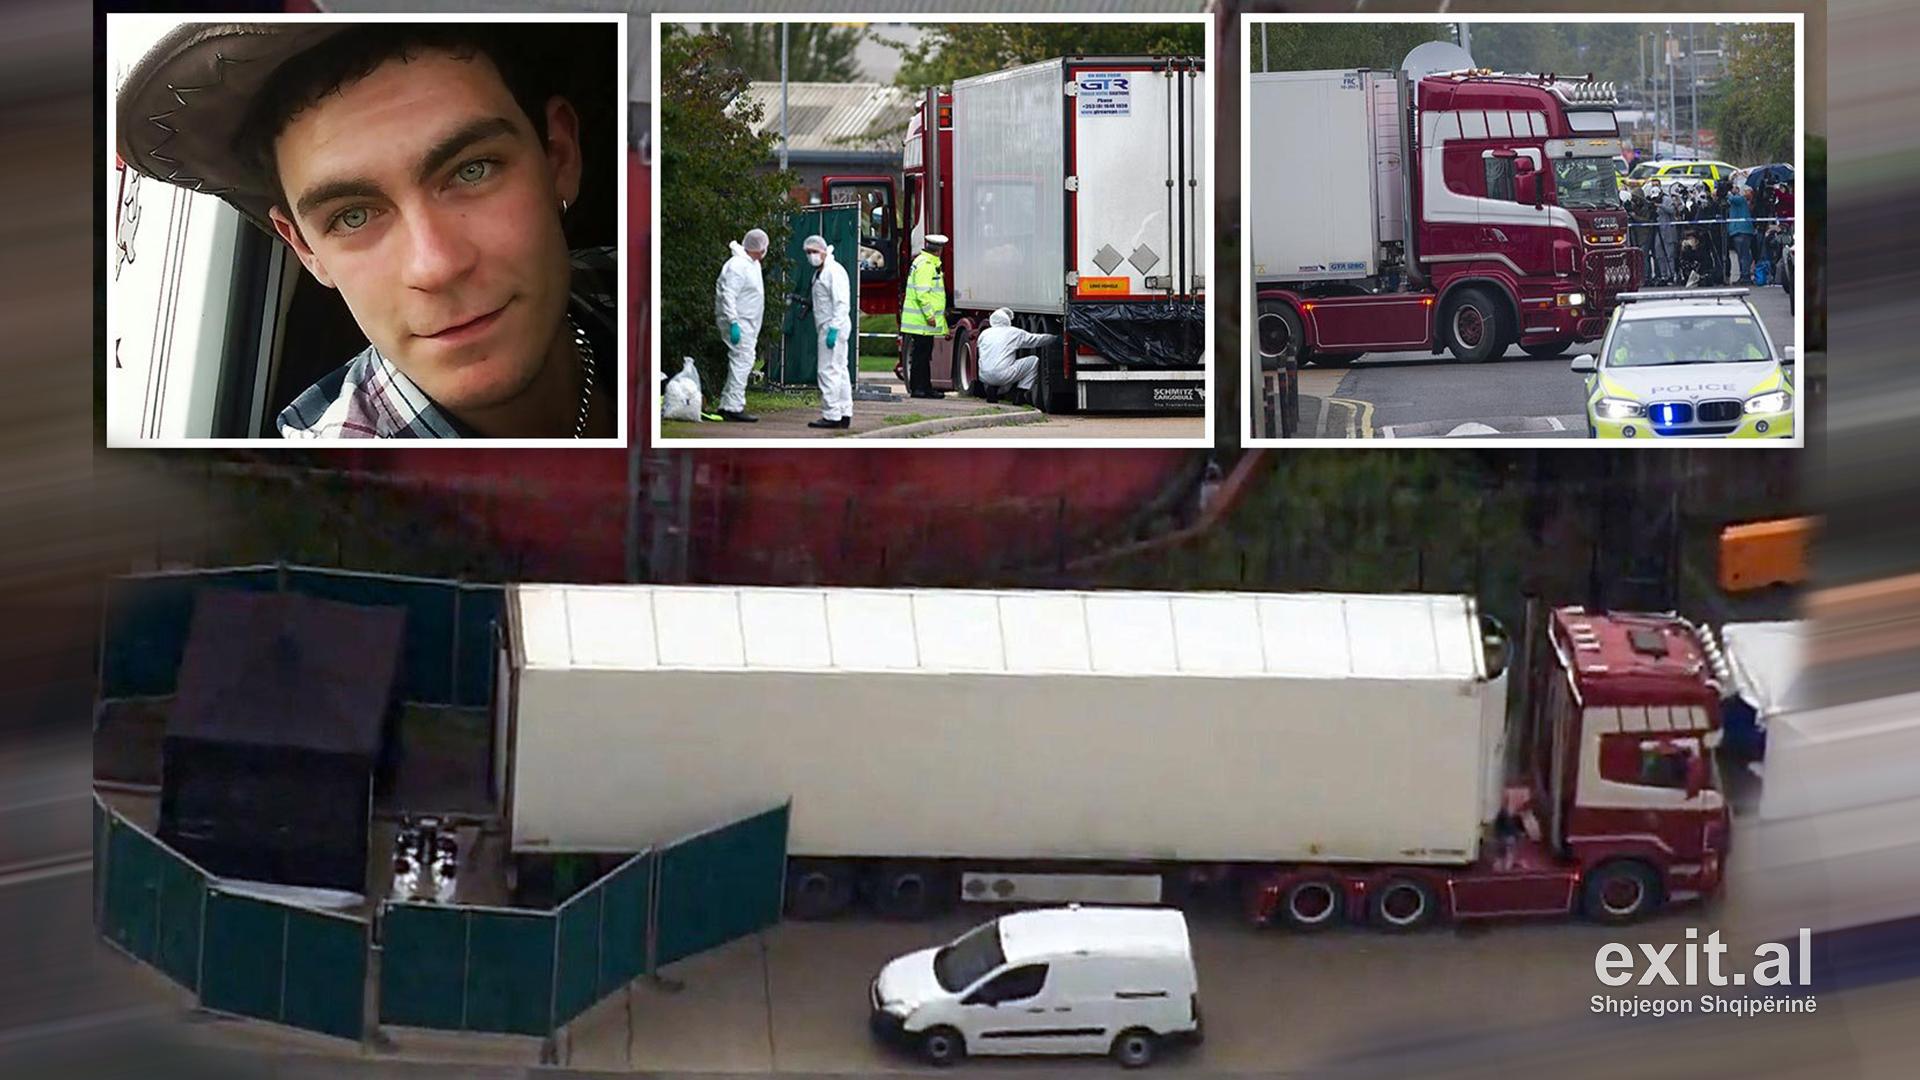 Angli, 39 të vdekurit në kamion, përgjegjësi e mafies kineze të trafikut të njerëzve